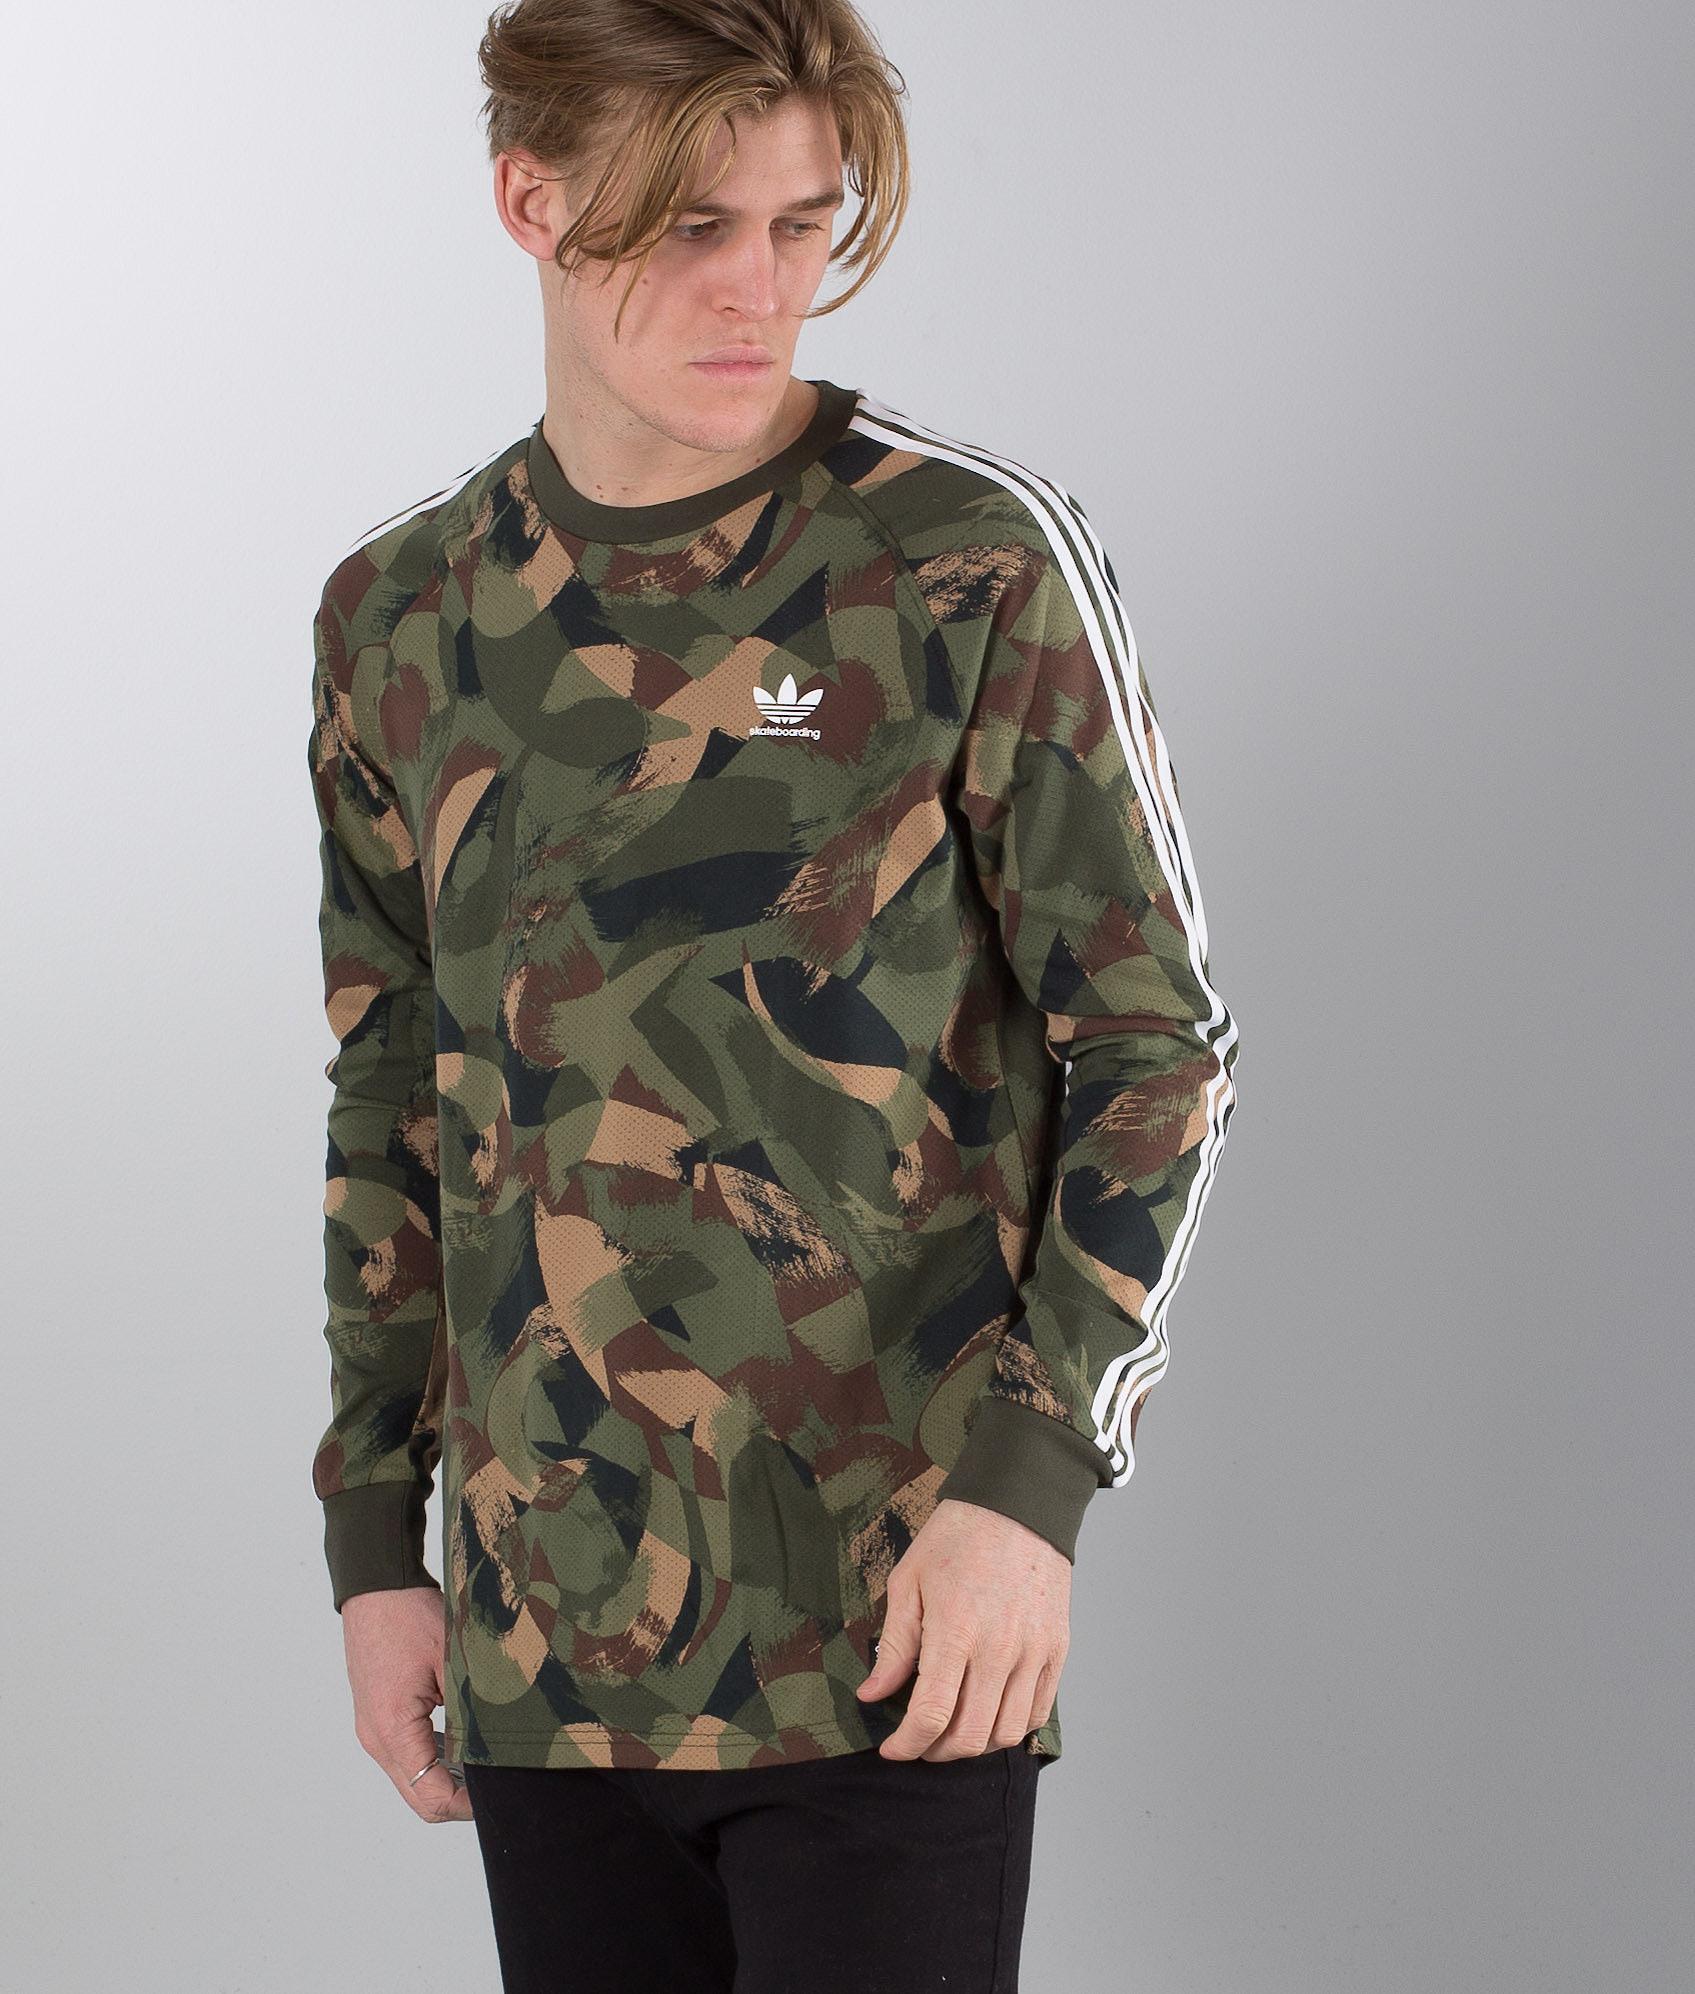 d0cba44a Adidas Skateboarding Ca Camo Longsleeve Camo Print - Ridestore.com